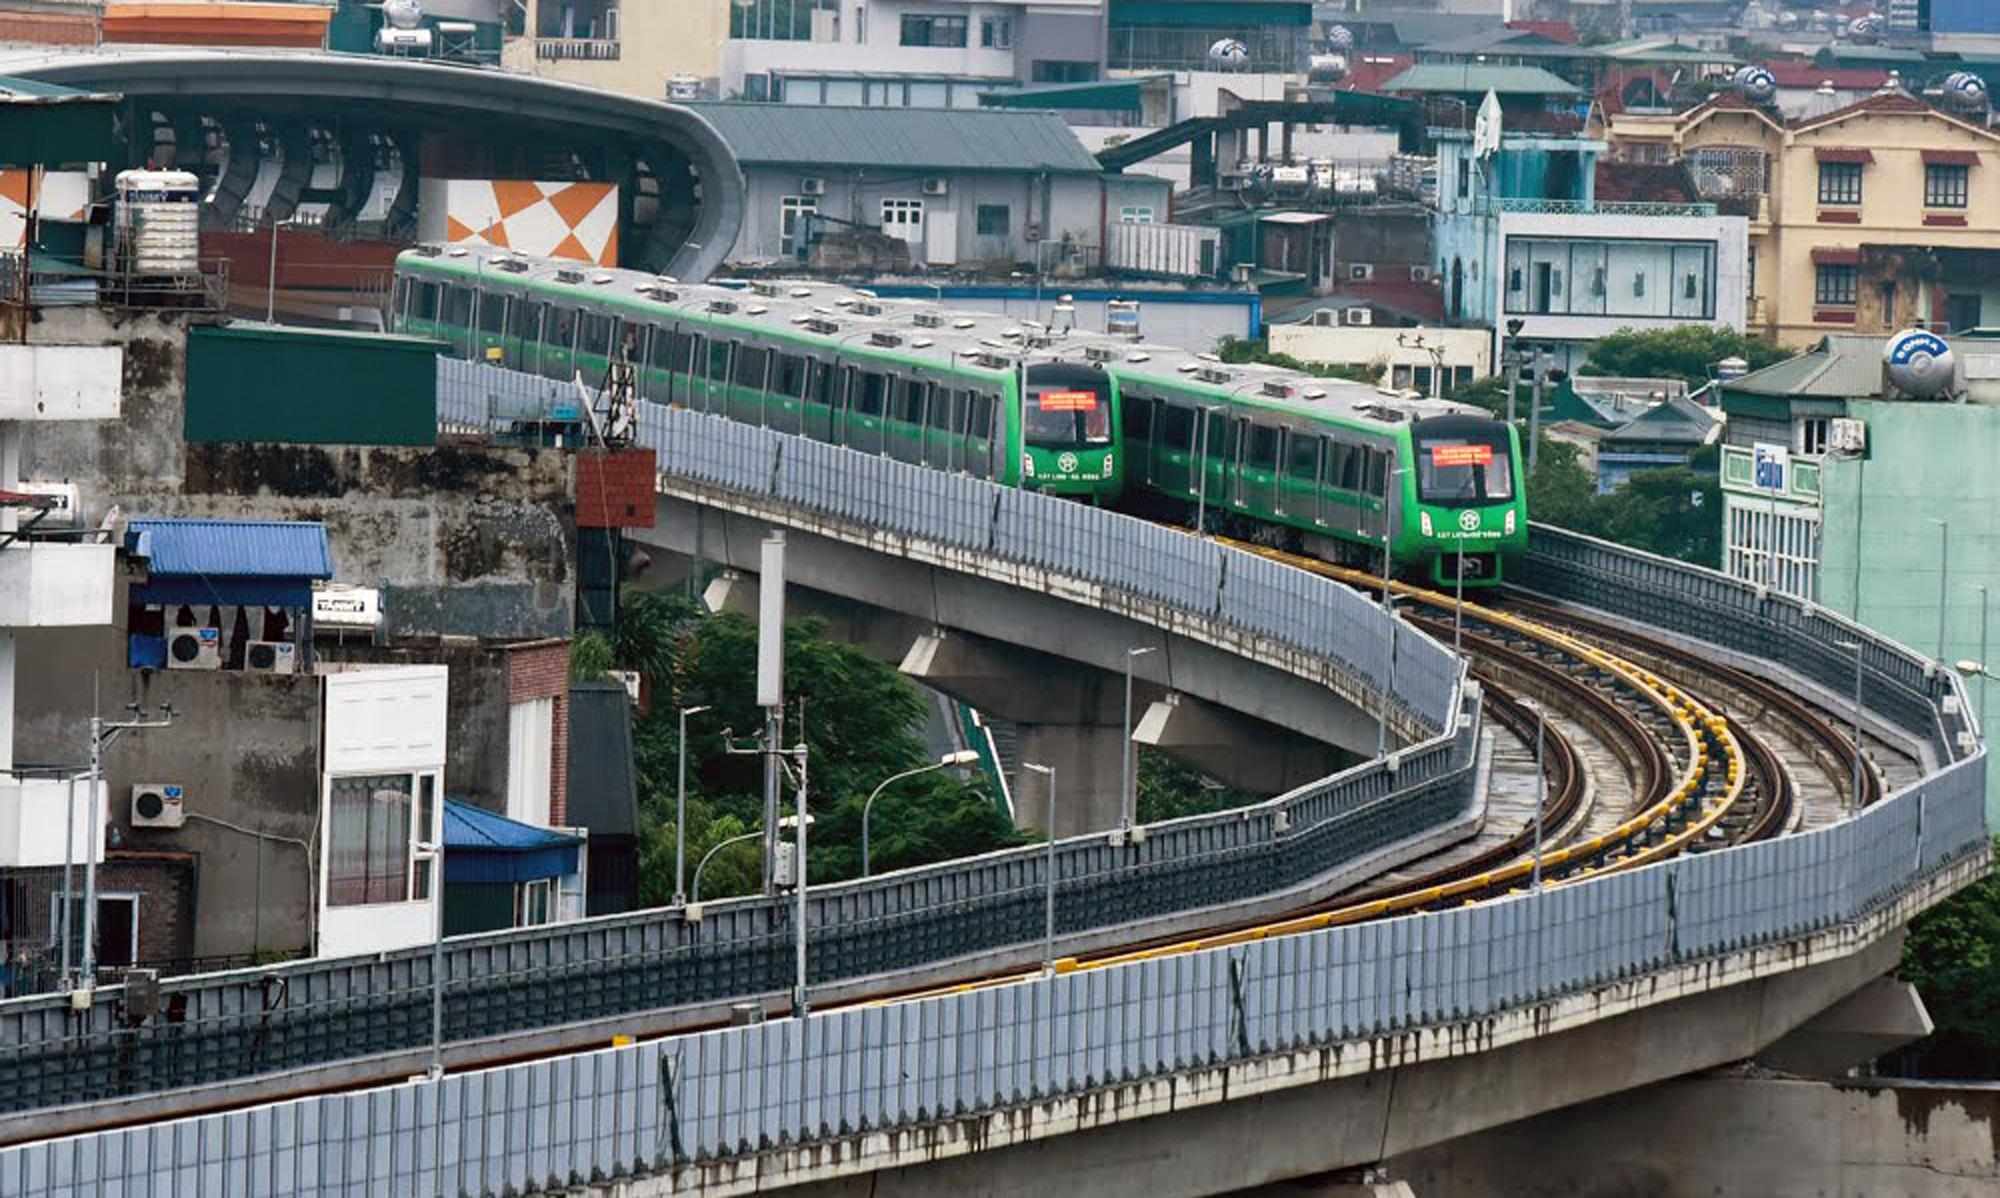 Hạn chế xe cá nhân chống ùn tắc và ô nhiễm không khí ở Hà Nội: Còn chờ xe buýt, tàu điện? - Ảnh 2.